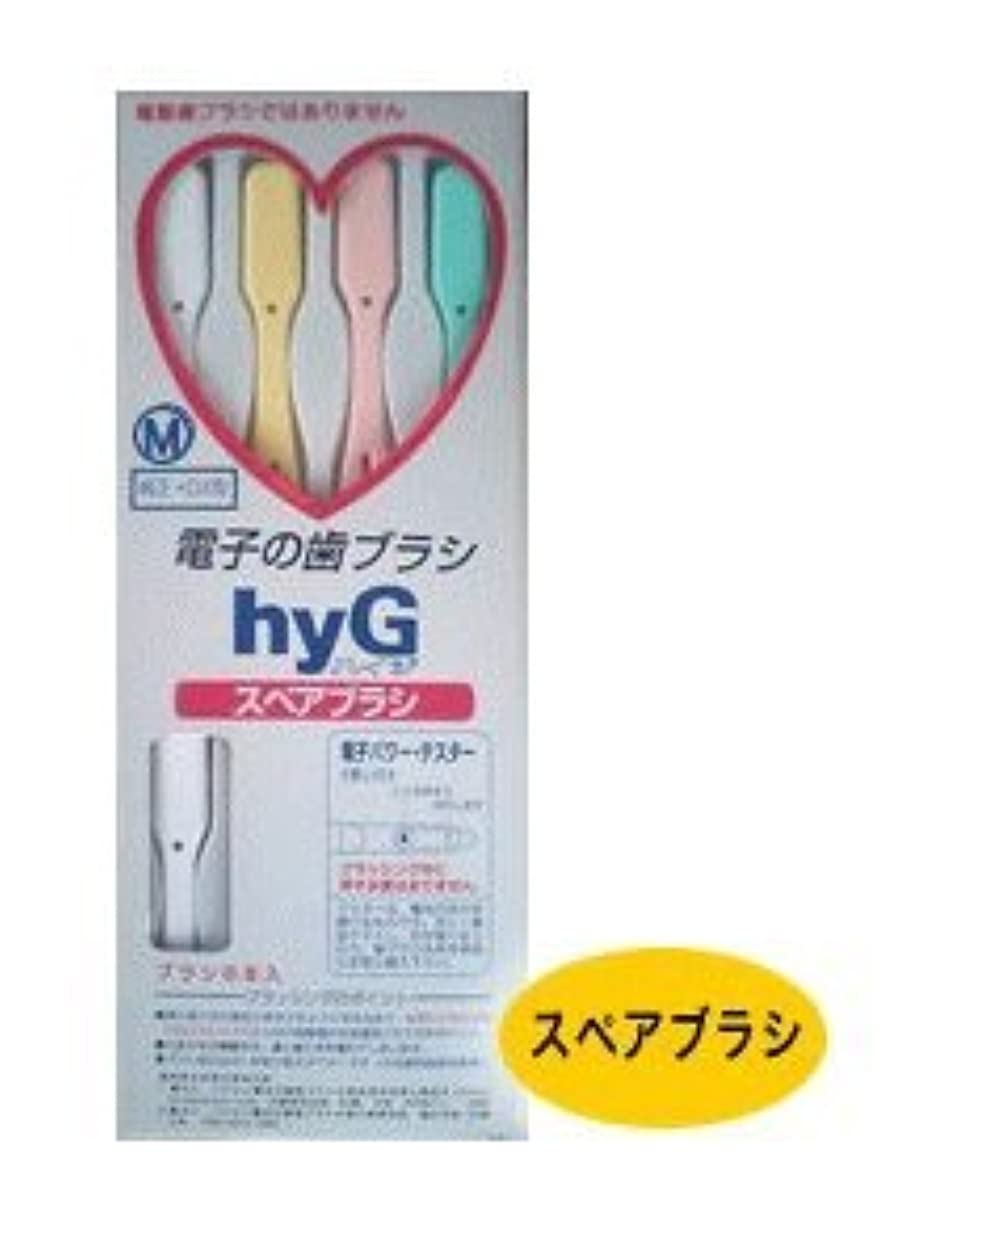 電子の歯ブラシ ハイジ(hyG) スペアブラシ M(ミディアム) 【純正?DX型】